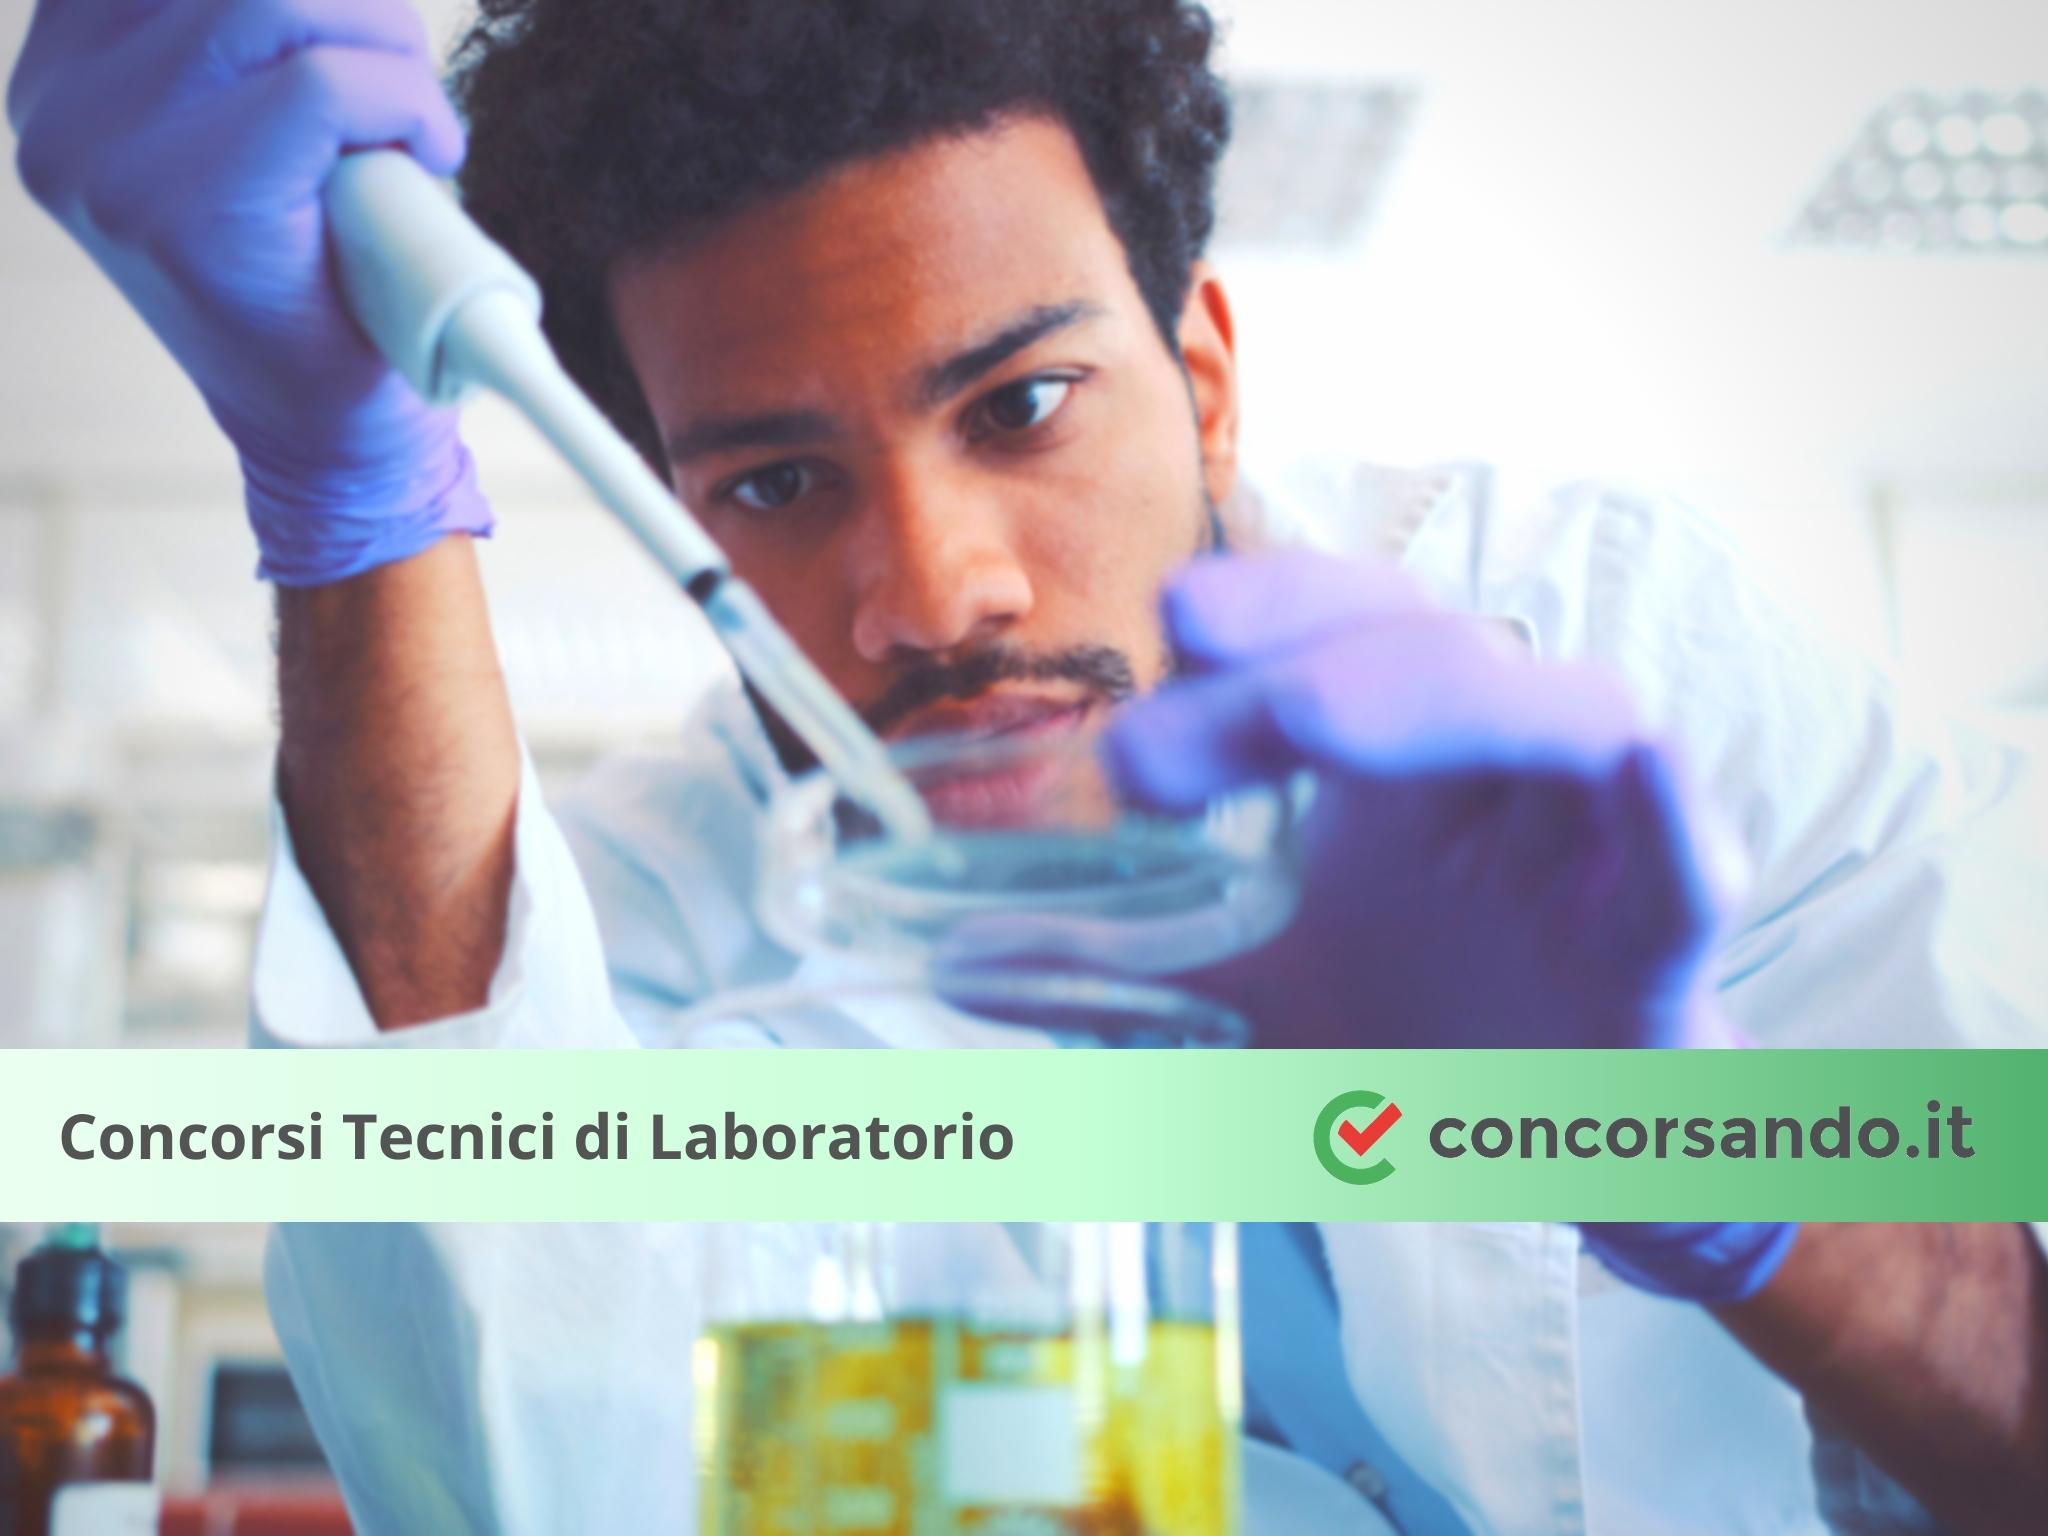 Concorsi Tecnici di Laboratorio